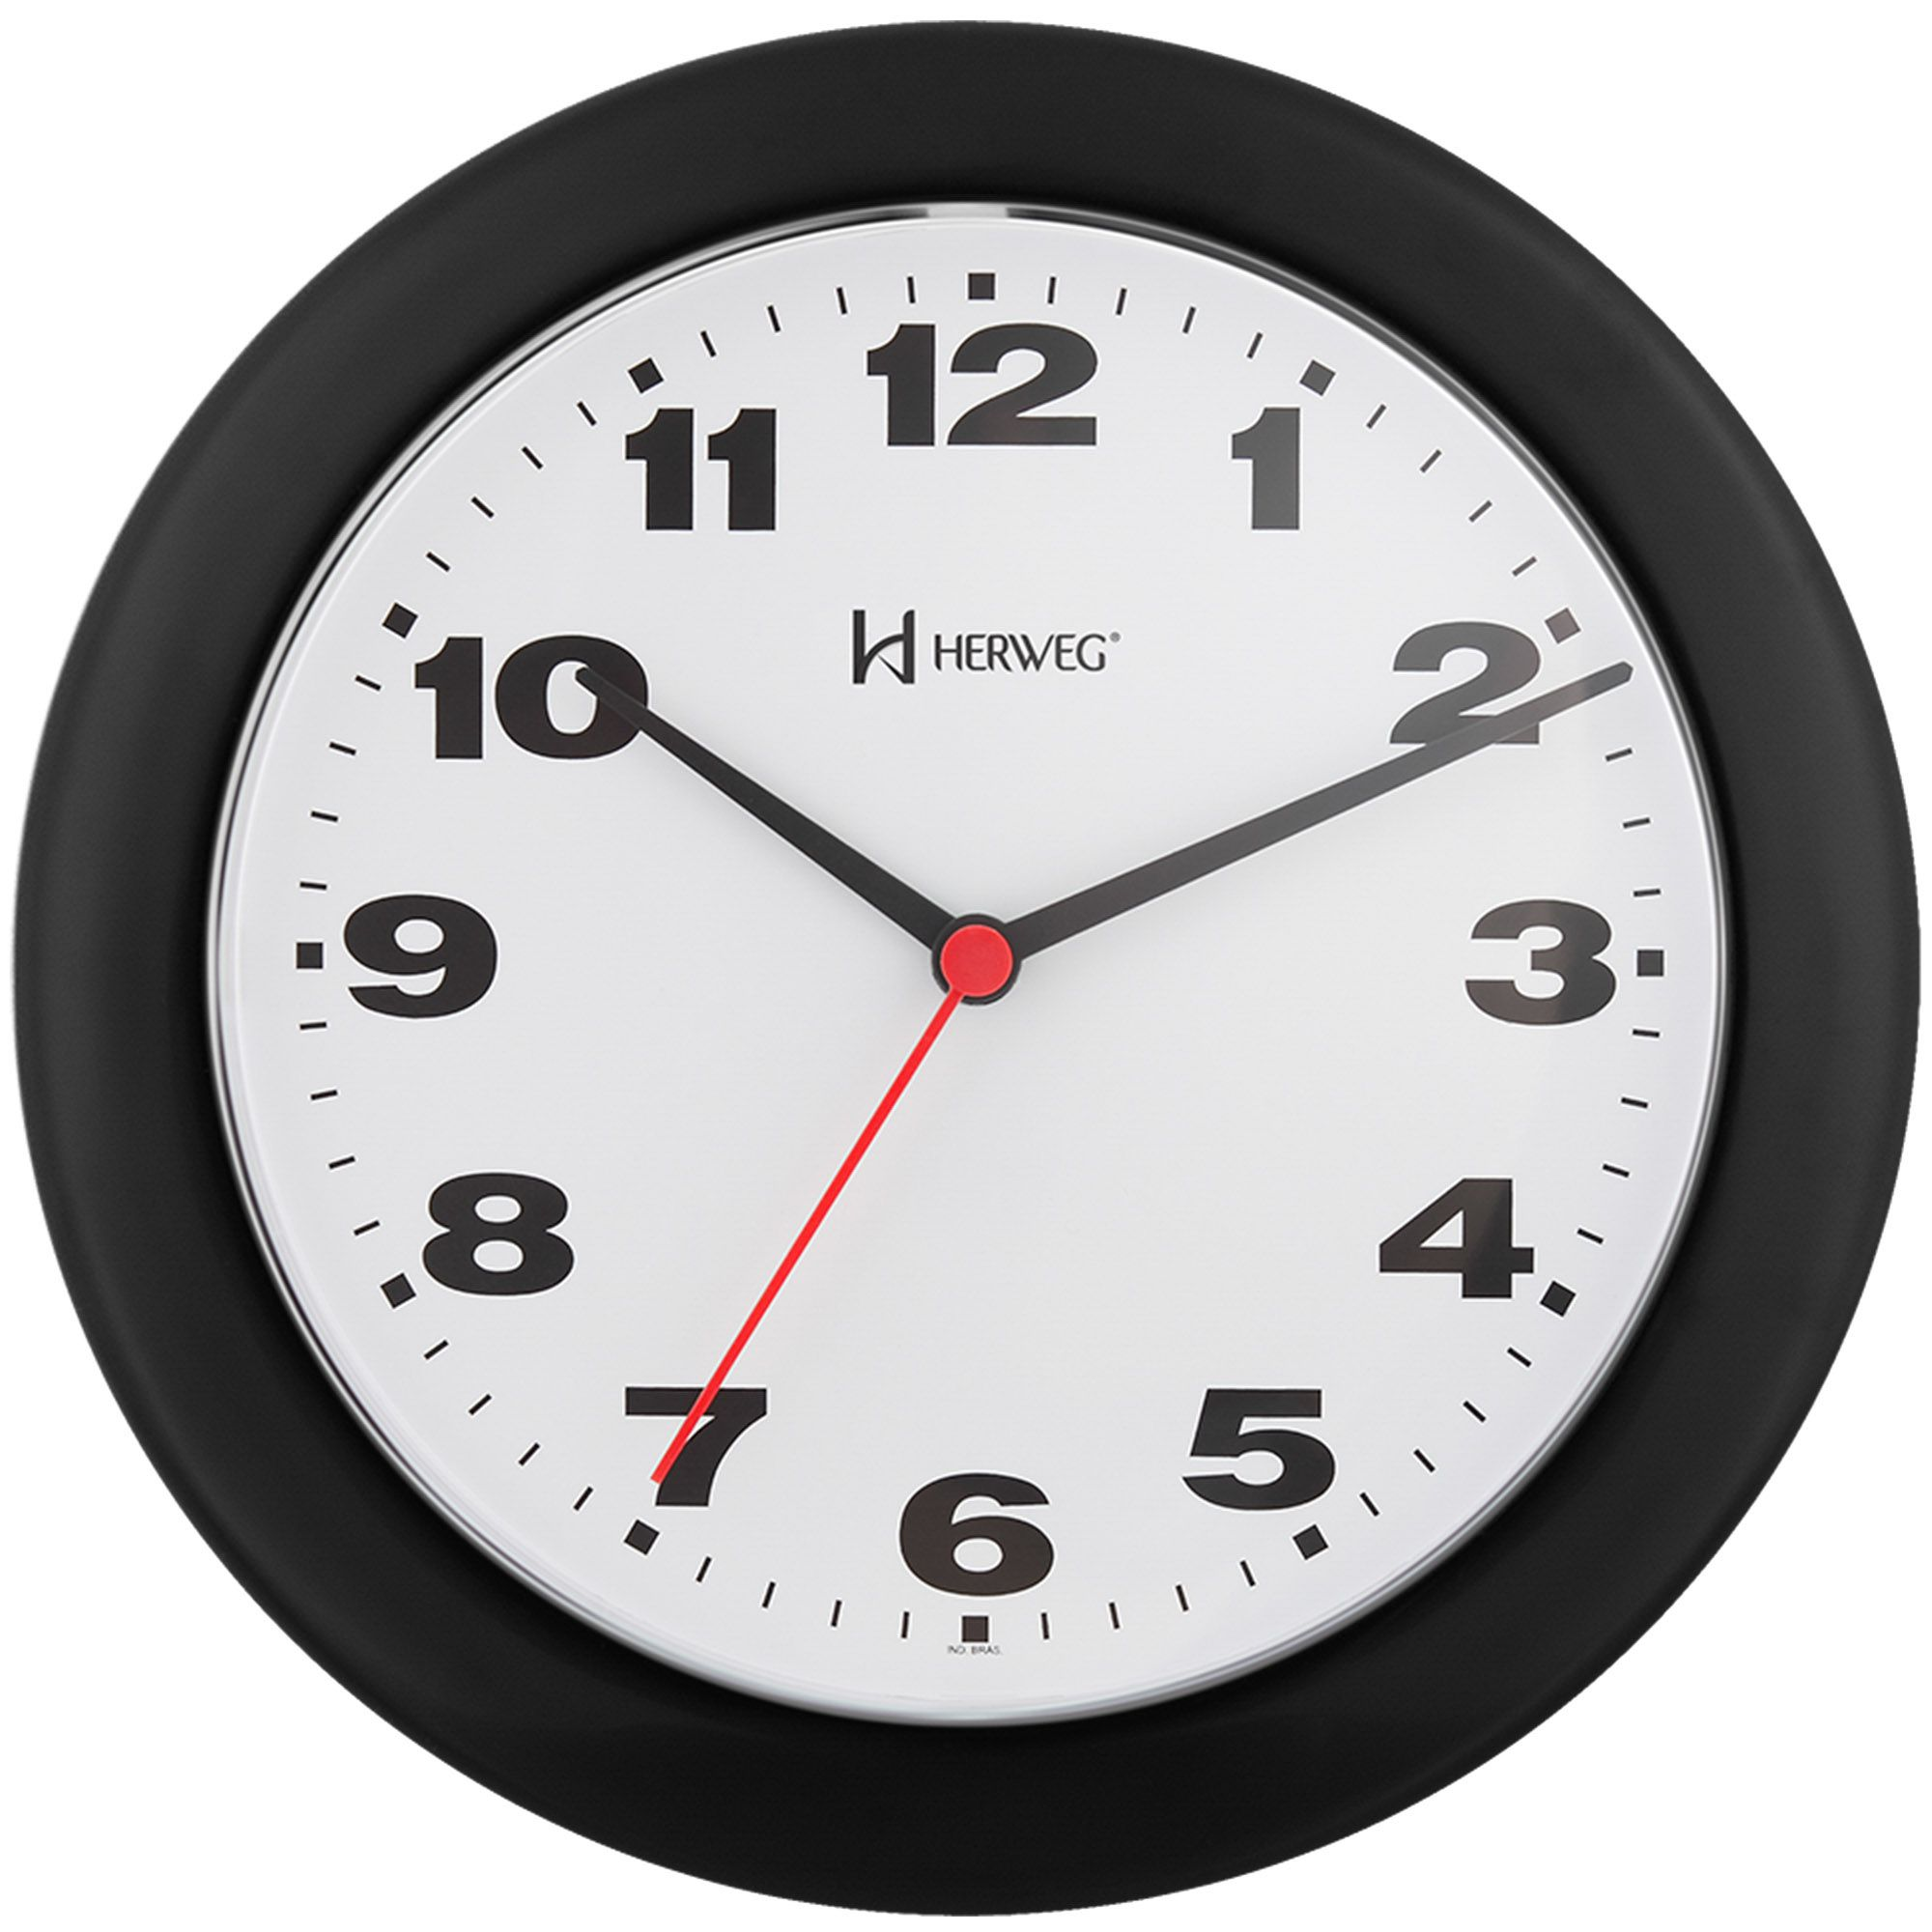 Relógio de Parede Analógico Herweg 6103 034 Preto